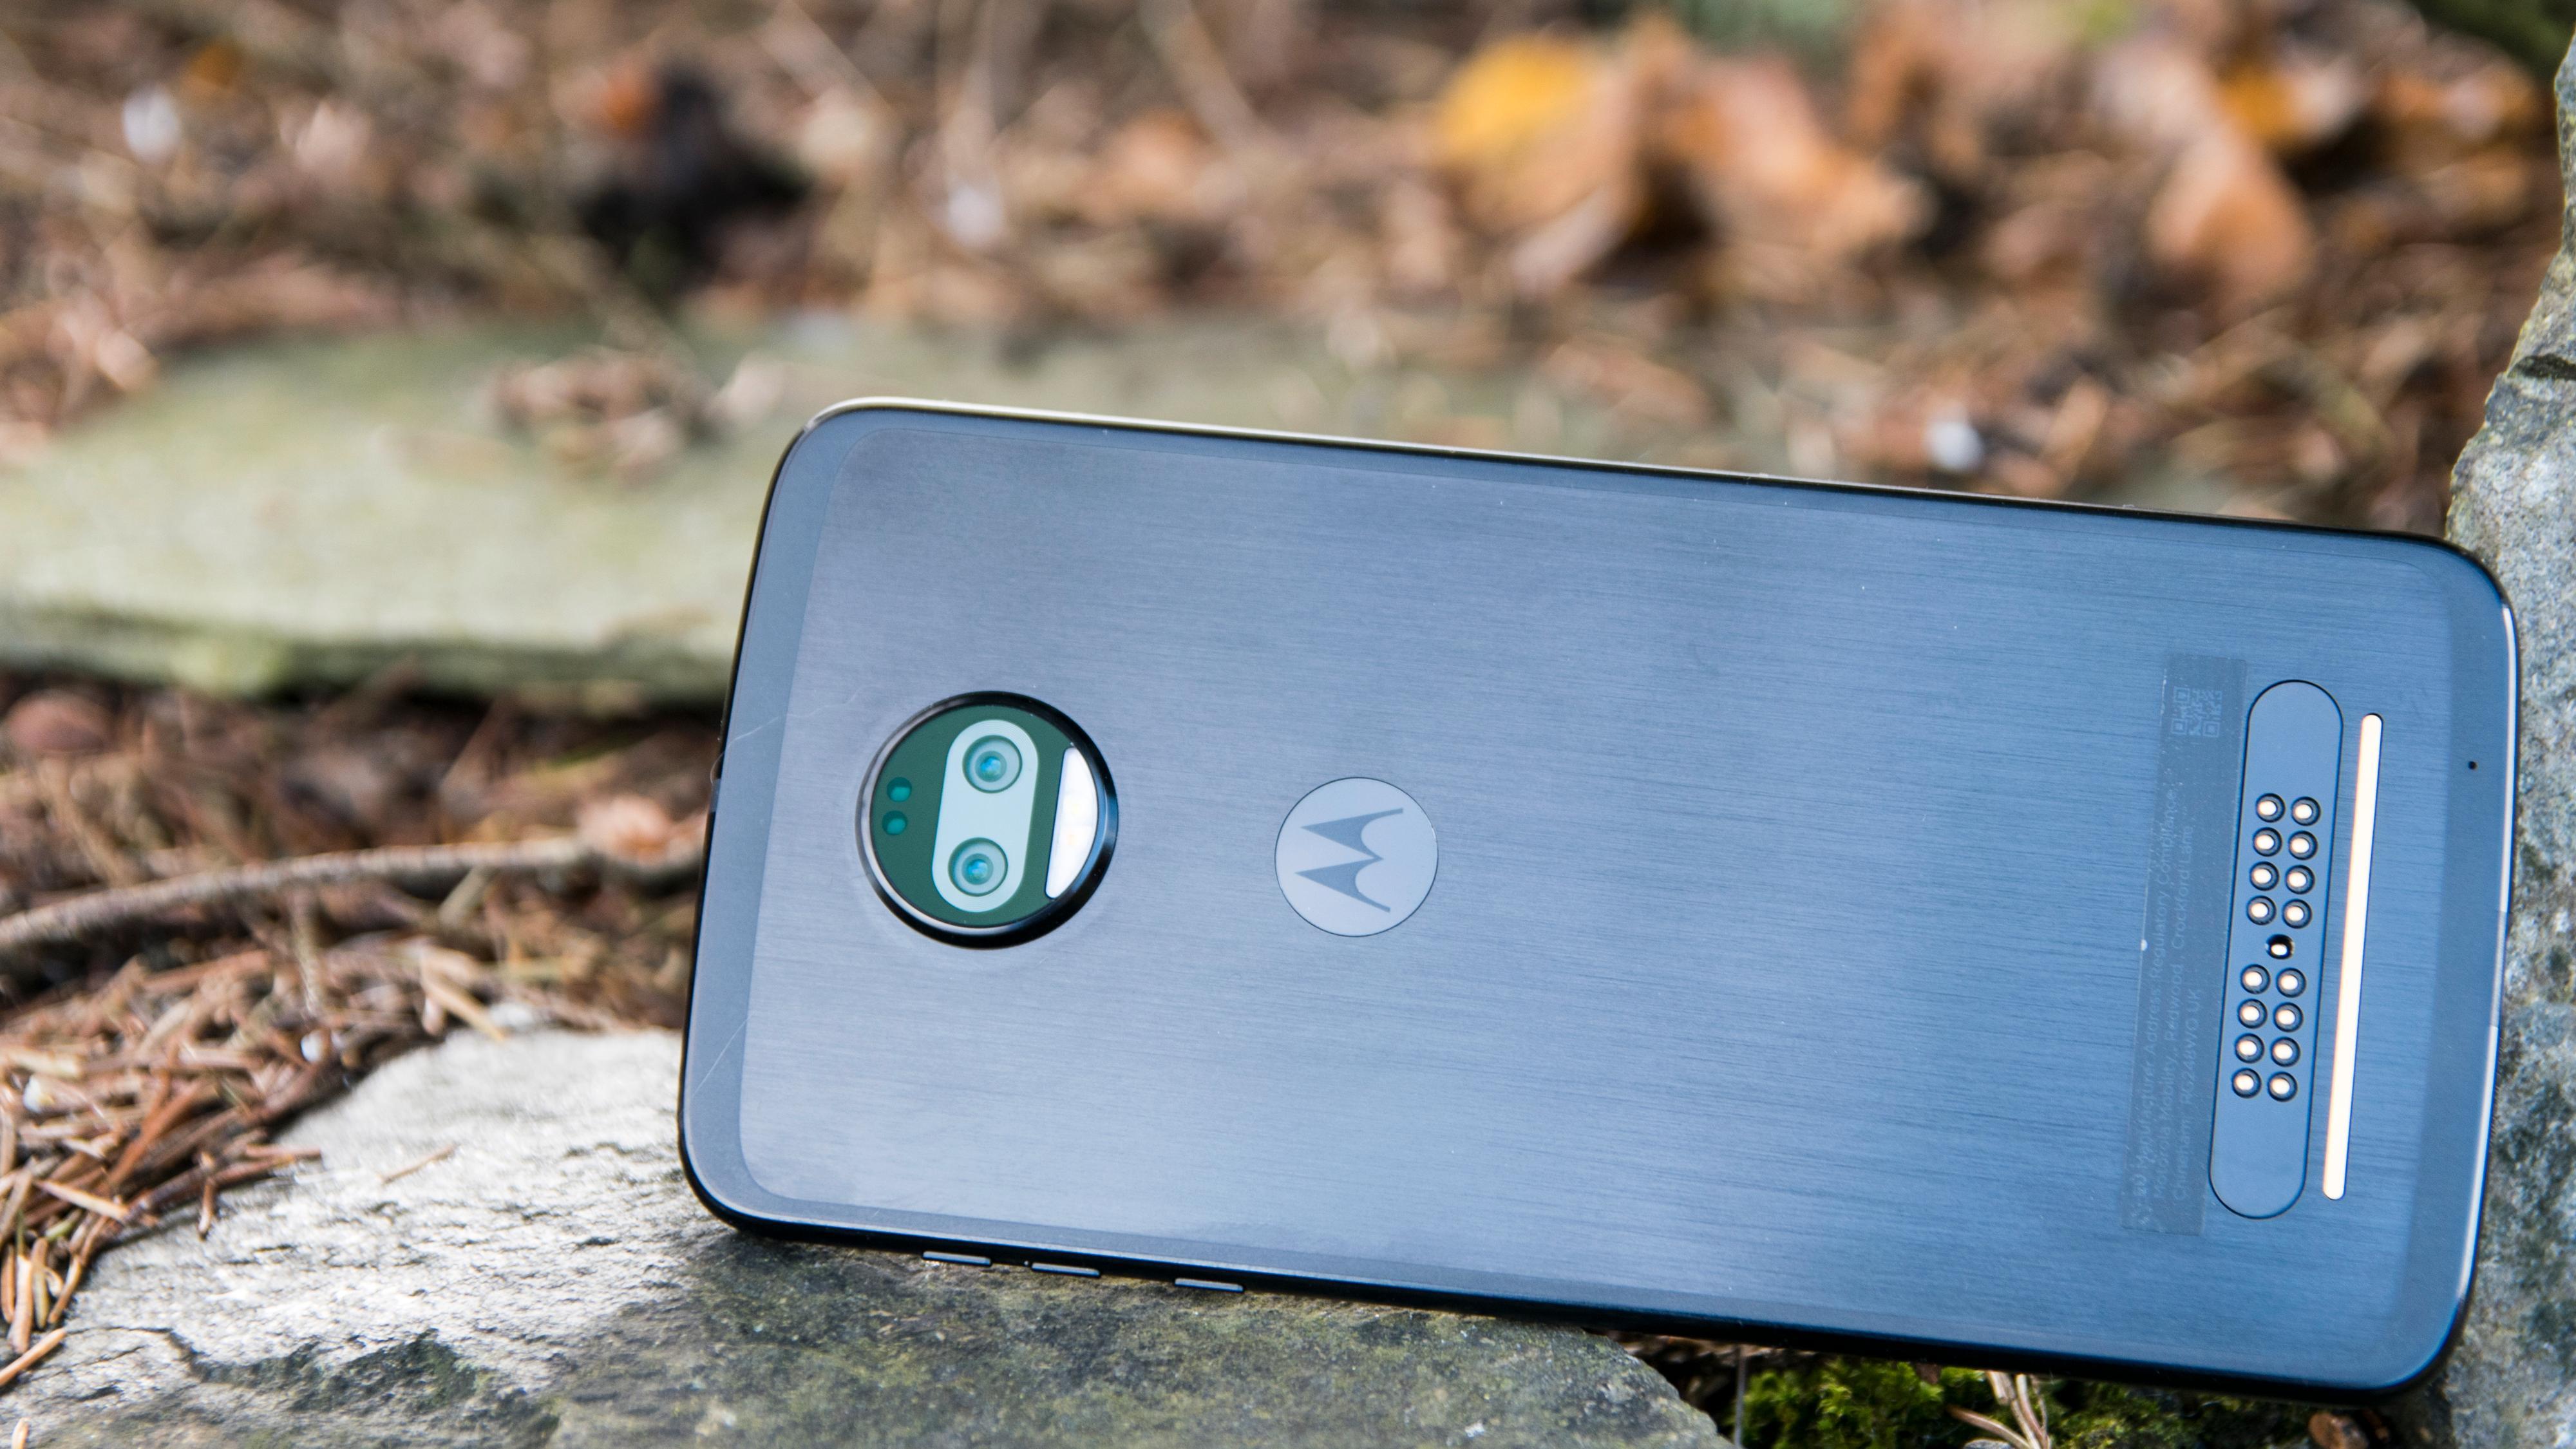 Baksiden av Moto Z-mobilene har en modulkontakt nederst og en rund kameraklump øverst som modulene festes magnetisk over. Bilde: Finn Jarle Kvalheim, Tek.no